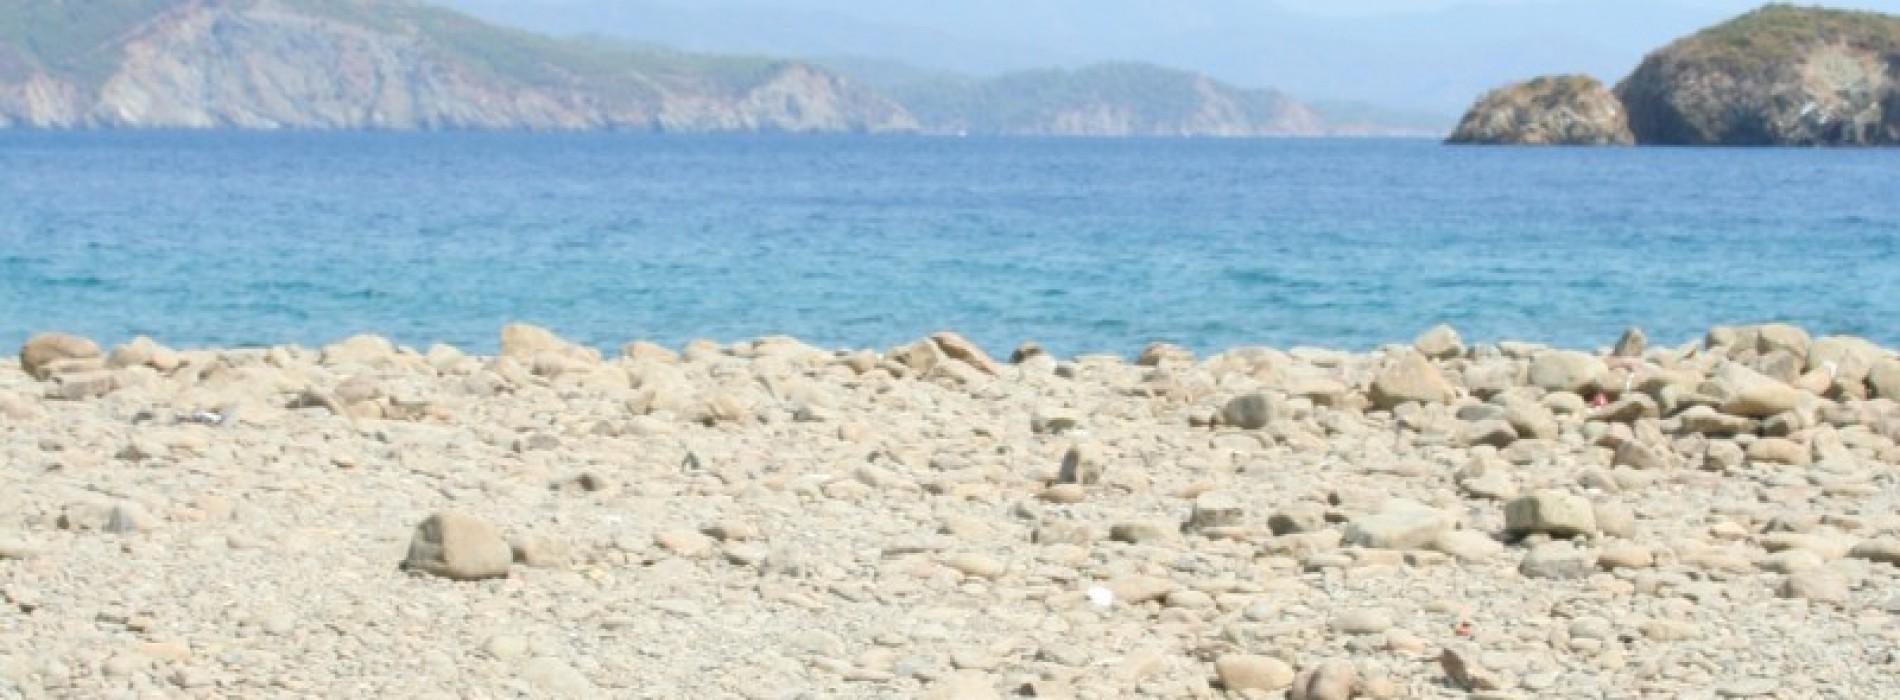 Valurile și nisipul, ce medicamente! Află ce beneficii îți pot aduce!